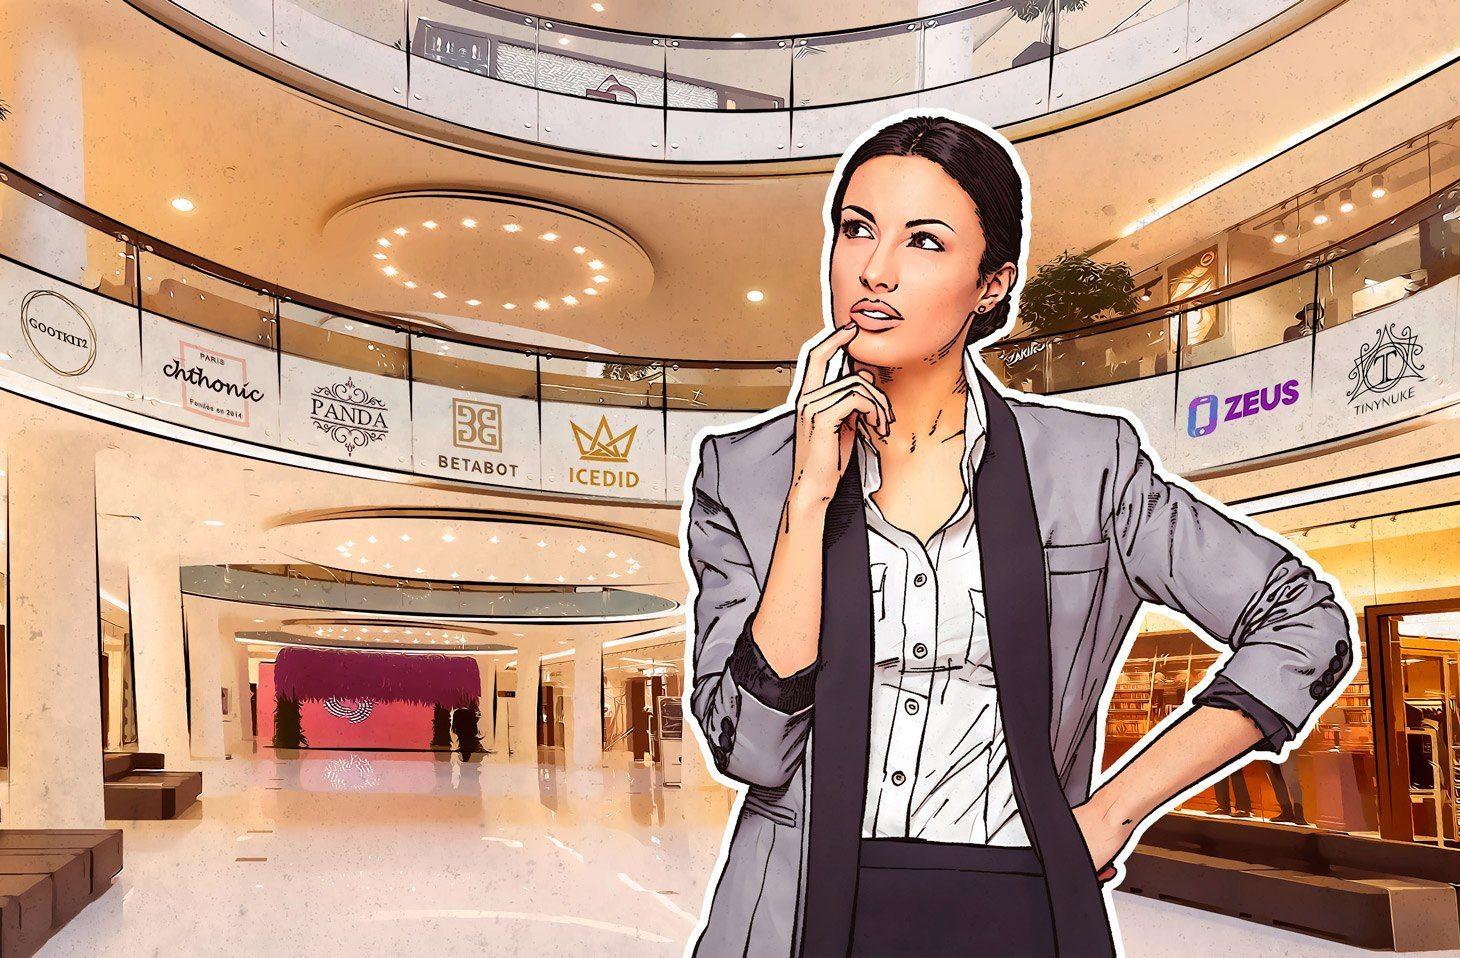 Банковские трояны все чаще интересуются онлайн-магазинами. Рассказываем, как не стать жертвой зловреда в дни распродаж